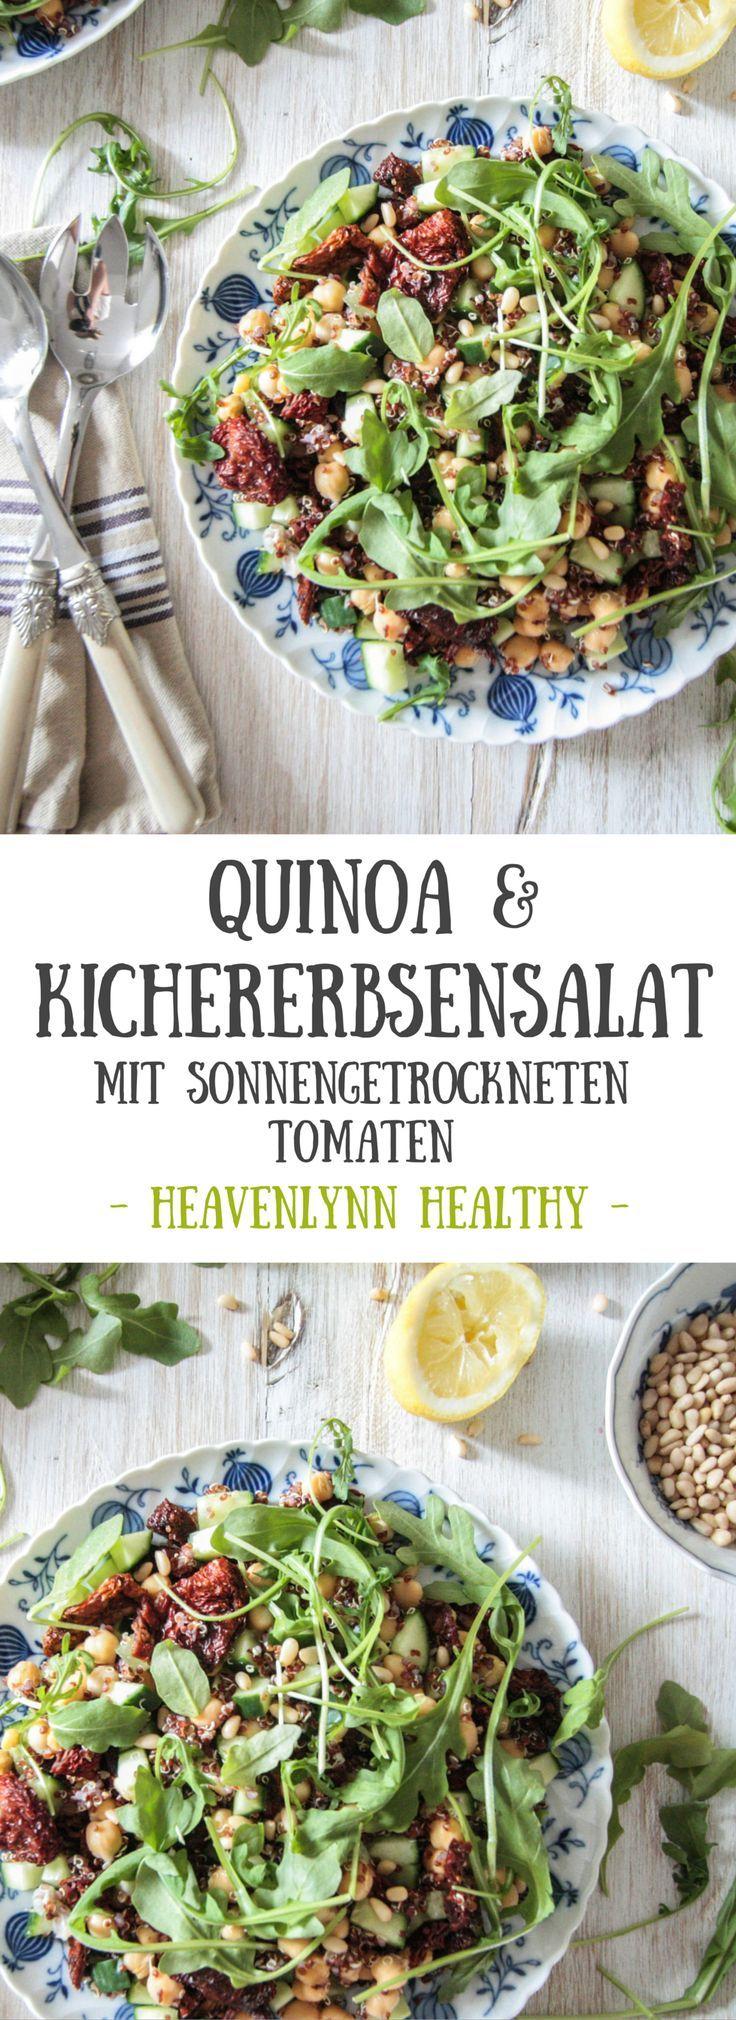 Quinoa- und Kichererbsensalat mit sonnengetrockneten Tomaten Quinoa- und Kichererbsensalat mit sonn